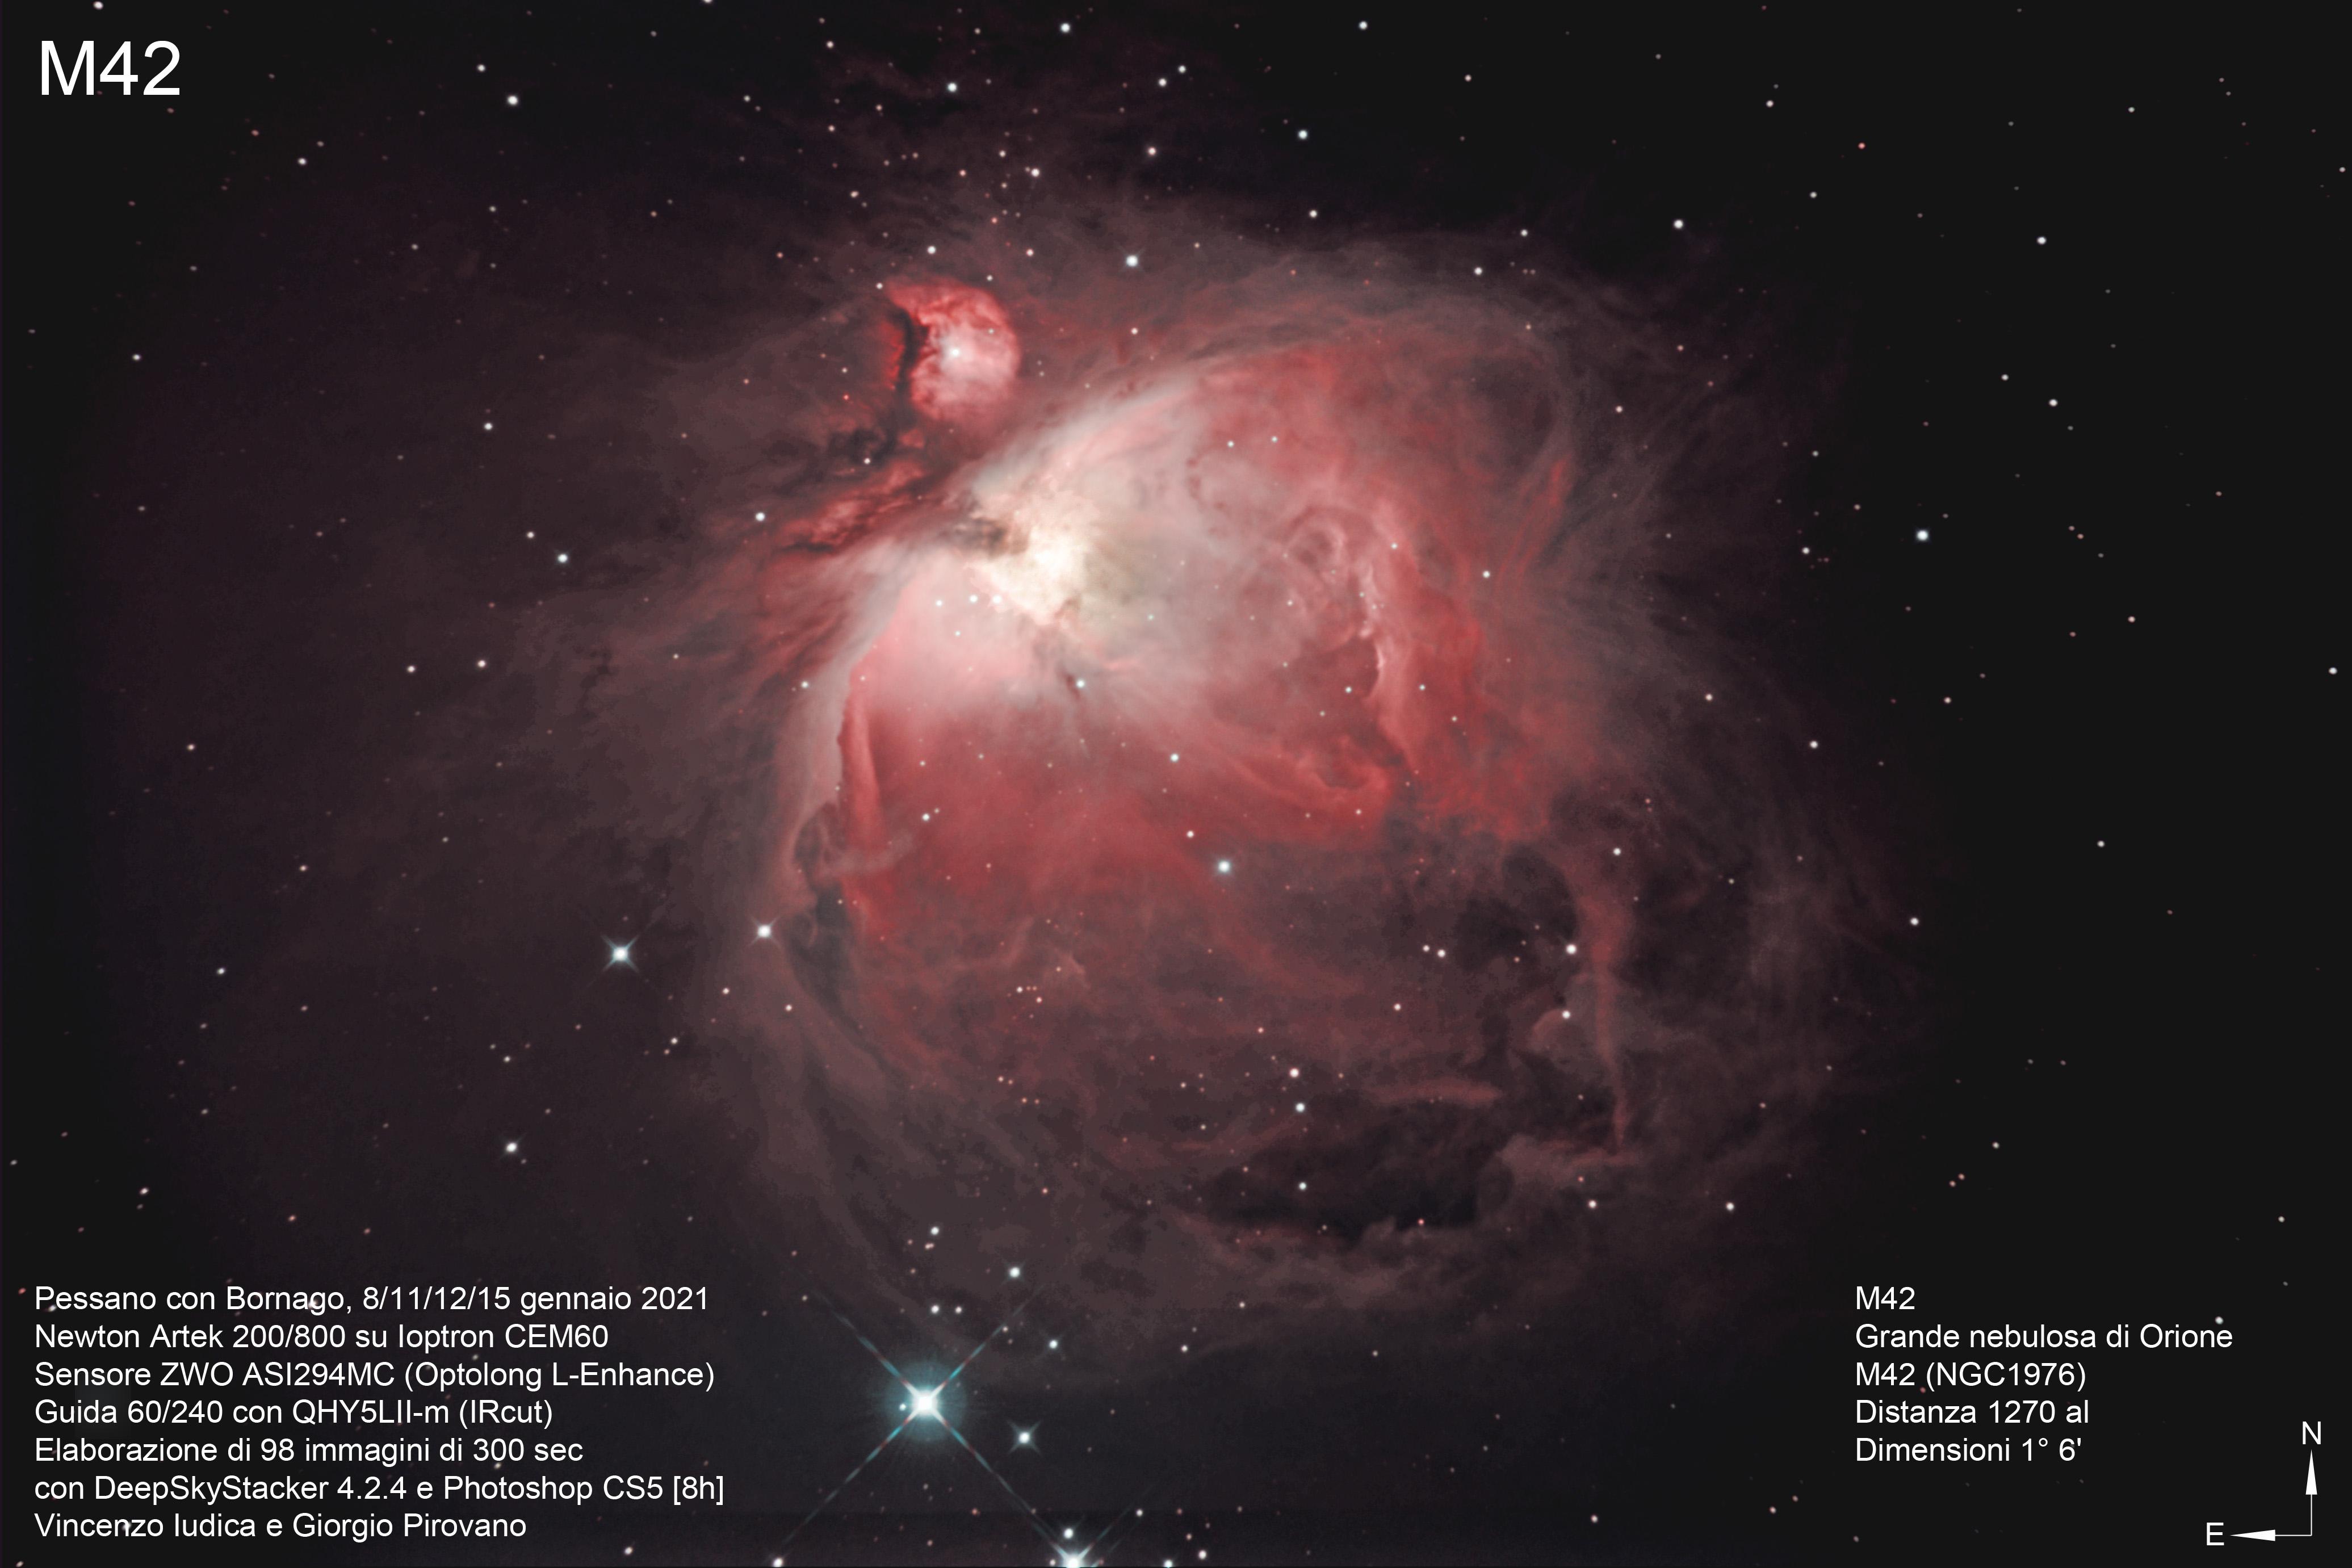 https://astrofilicernusco.org/storage/2021/01/202101xx_m42_mix_dss988h_ph2_b.jpg